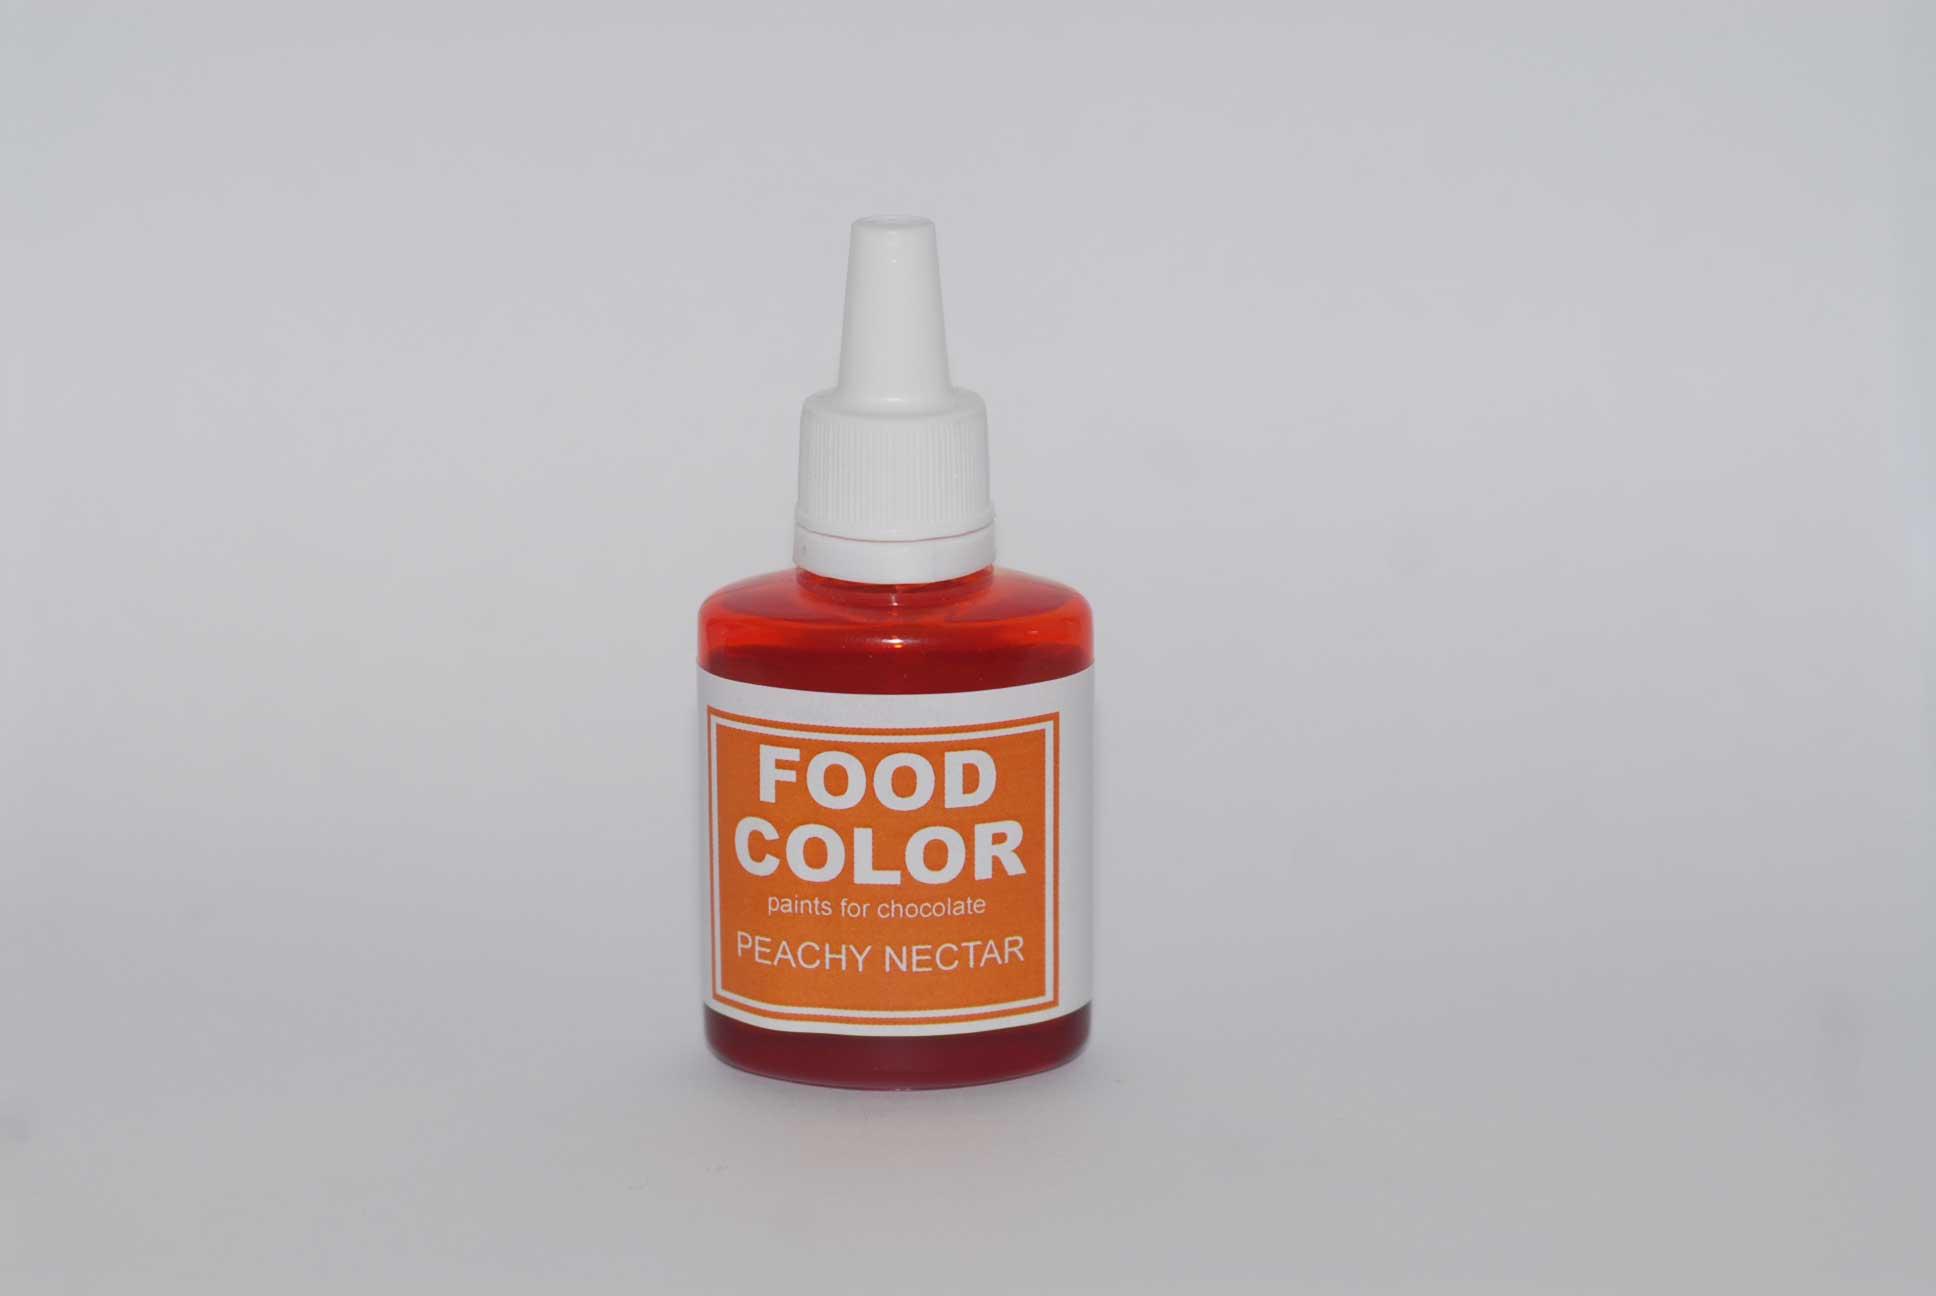 Краситель для шоколада FOOD COLOR Peachy Nectar / Персиковый Нектар, 25 гр